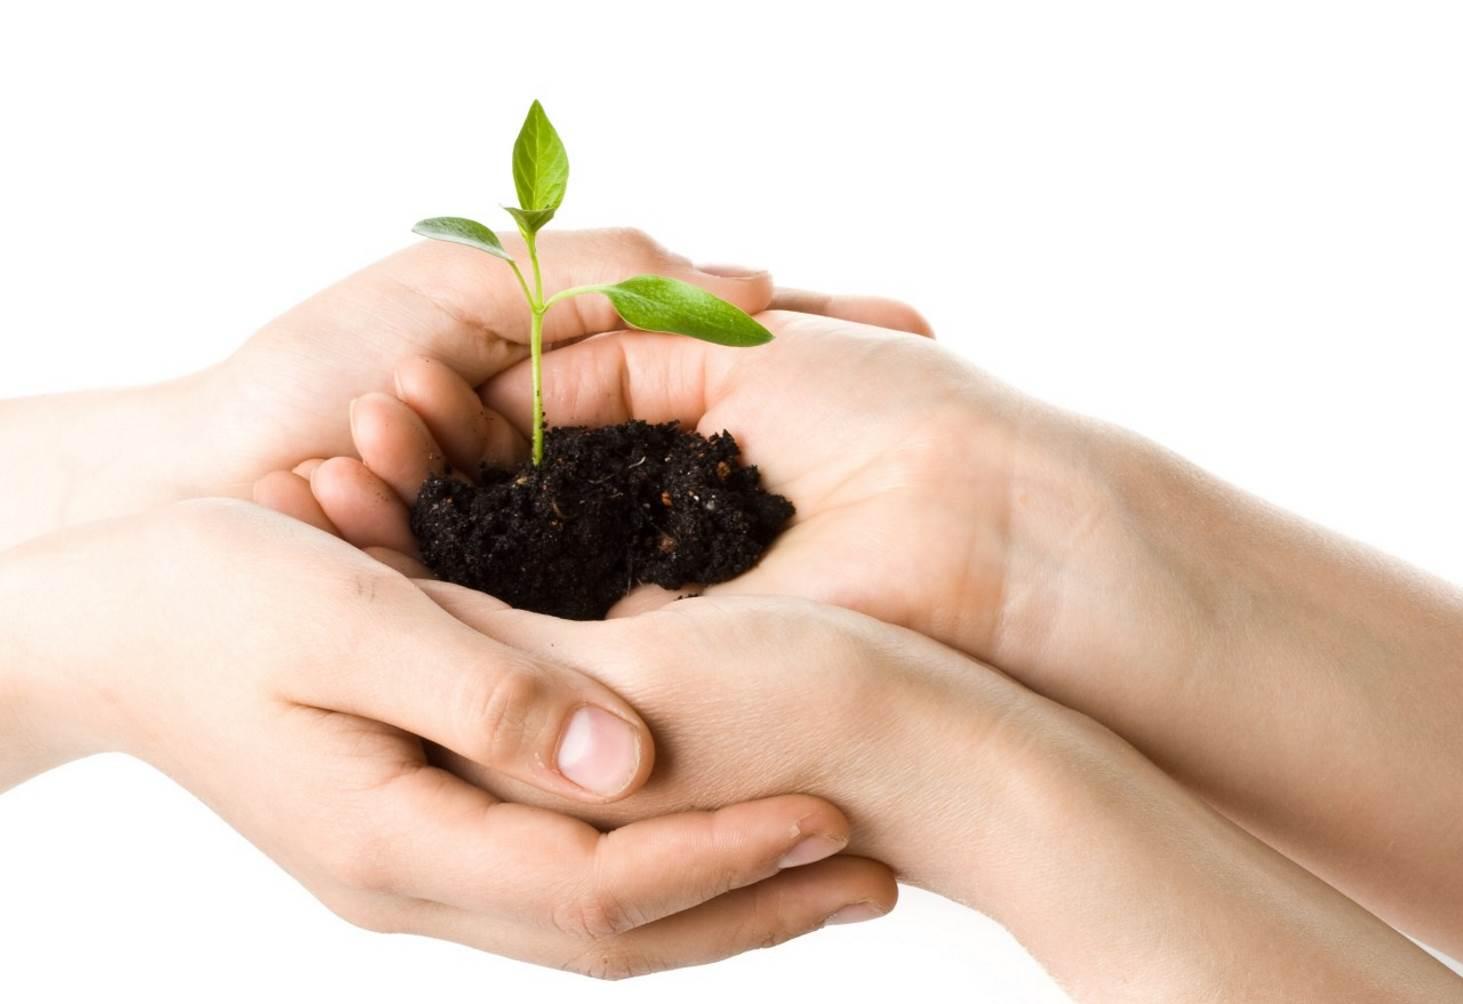 novye-kursy-povysheniya-kvalifikatsii-po-ekologii-i-skidki-v-chest-dnya-ekologicheskih-znanij